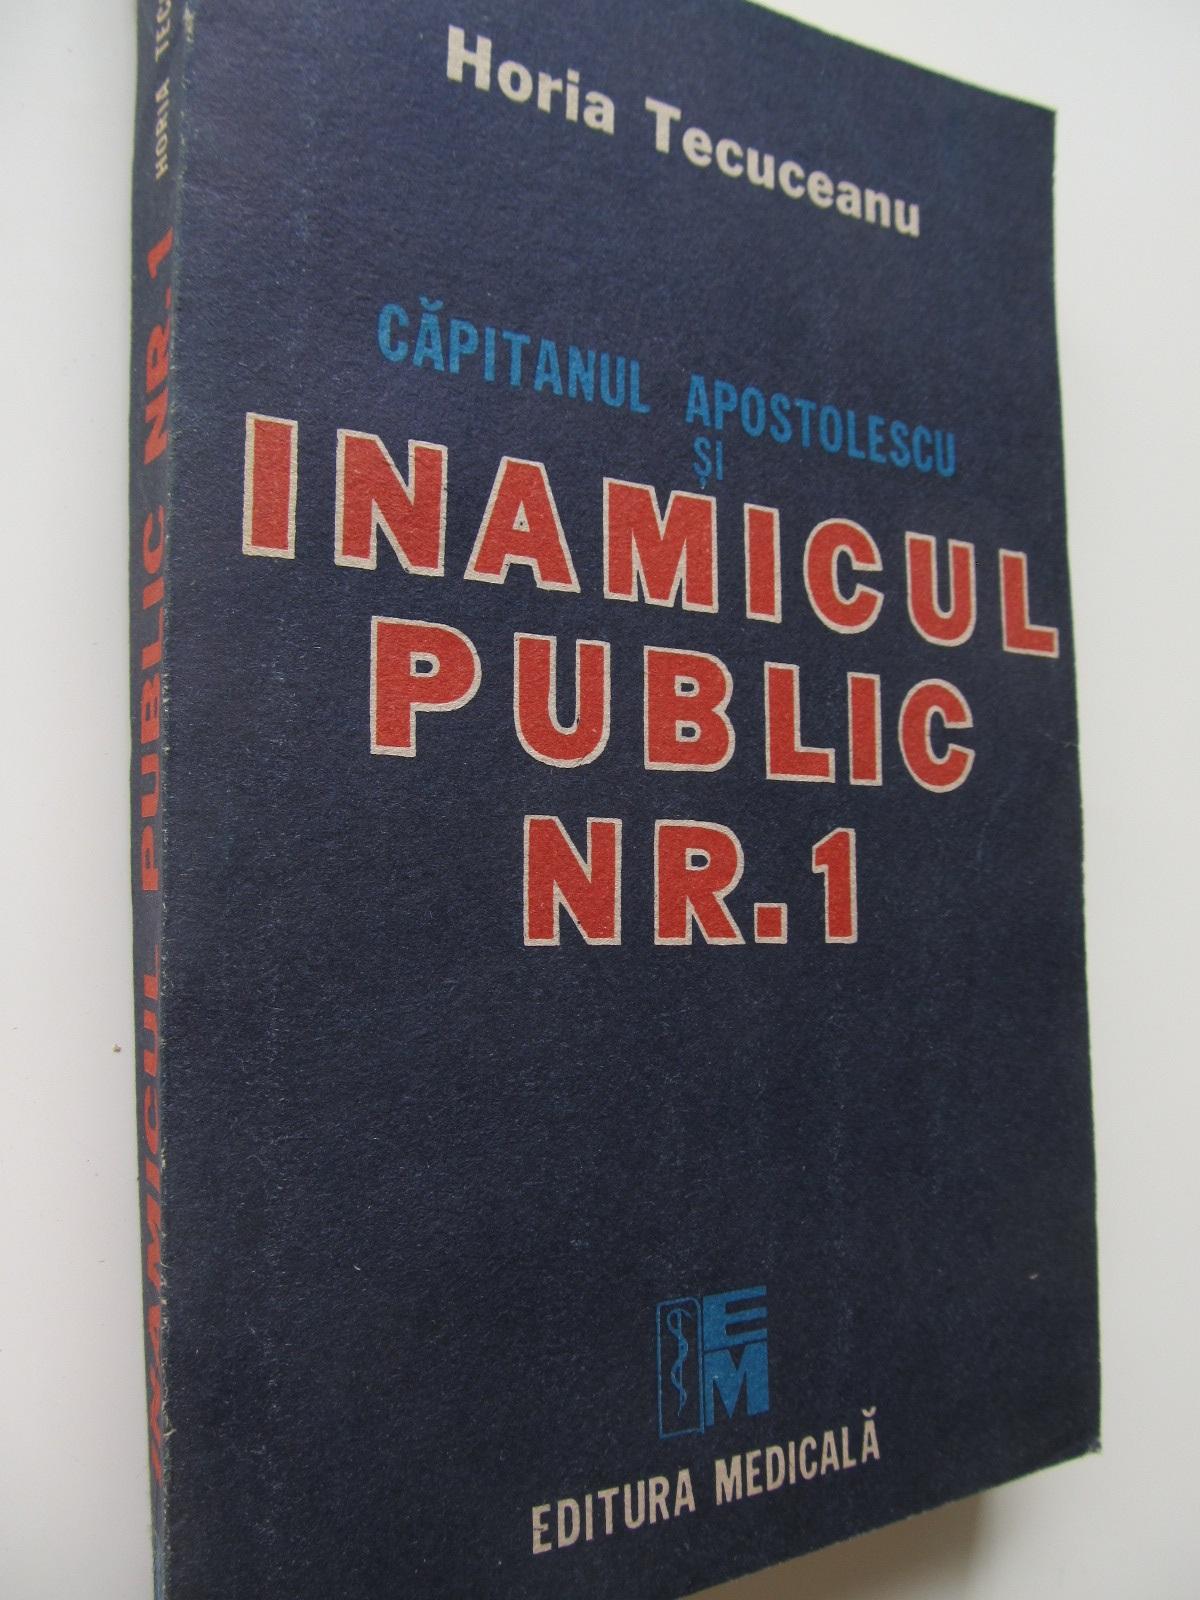 Capitanul Apostolescu si inamicul public Nr 1 - Horia Tecuceanu   Detalii carte